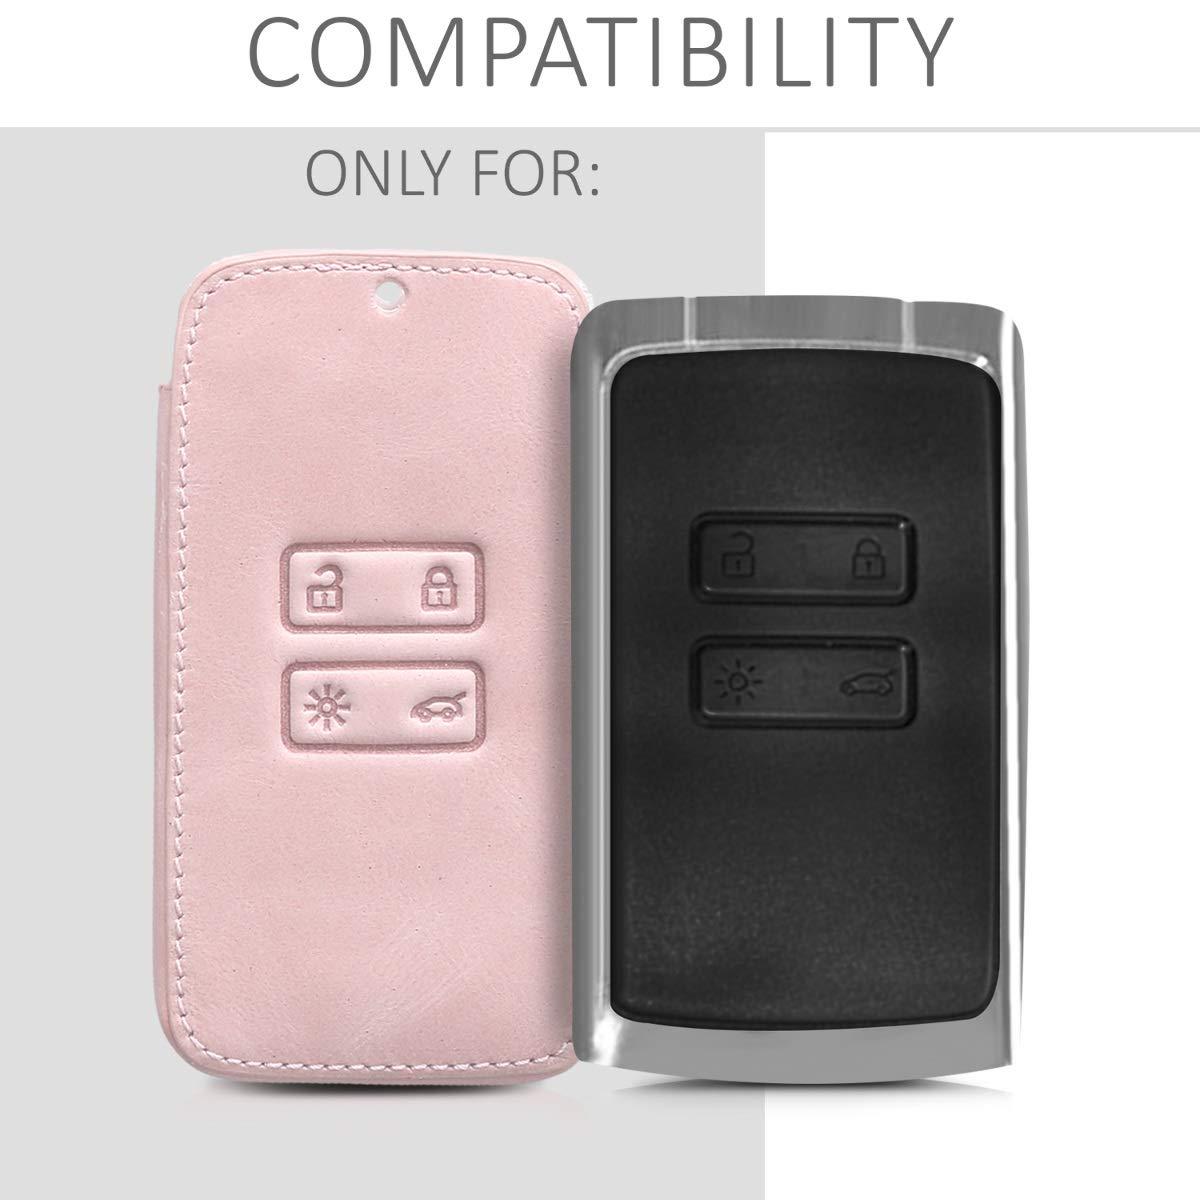 Solamente Keyless Go - Cubierta de - Case para Mando y Control de Auto con dise/ño Dont Touch my Car Cuero sint/ético kwmobile Funda para Llave Smart Key de 4 Botones para Coche Renault